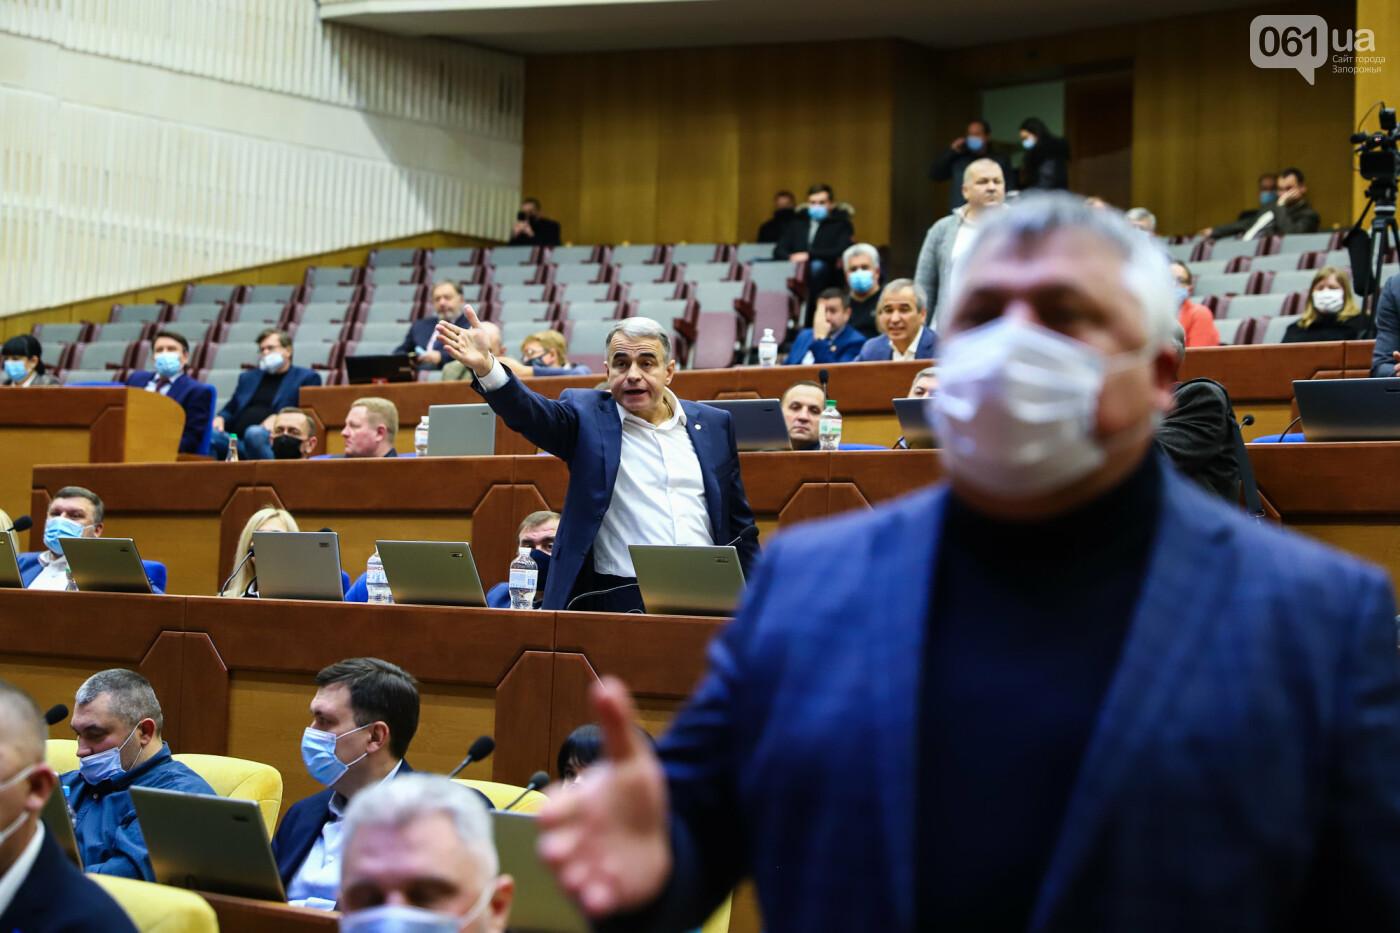 """Тайная """"сессия"""", сотни правоохранителей и стычки с активистами - что происходило в здании Запорожского облсовета, - ФОТО, ВИДЕО , фото-28"""